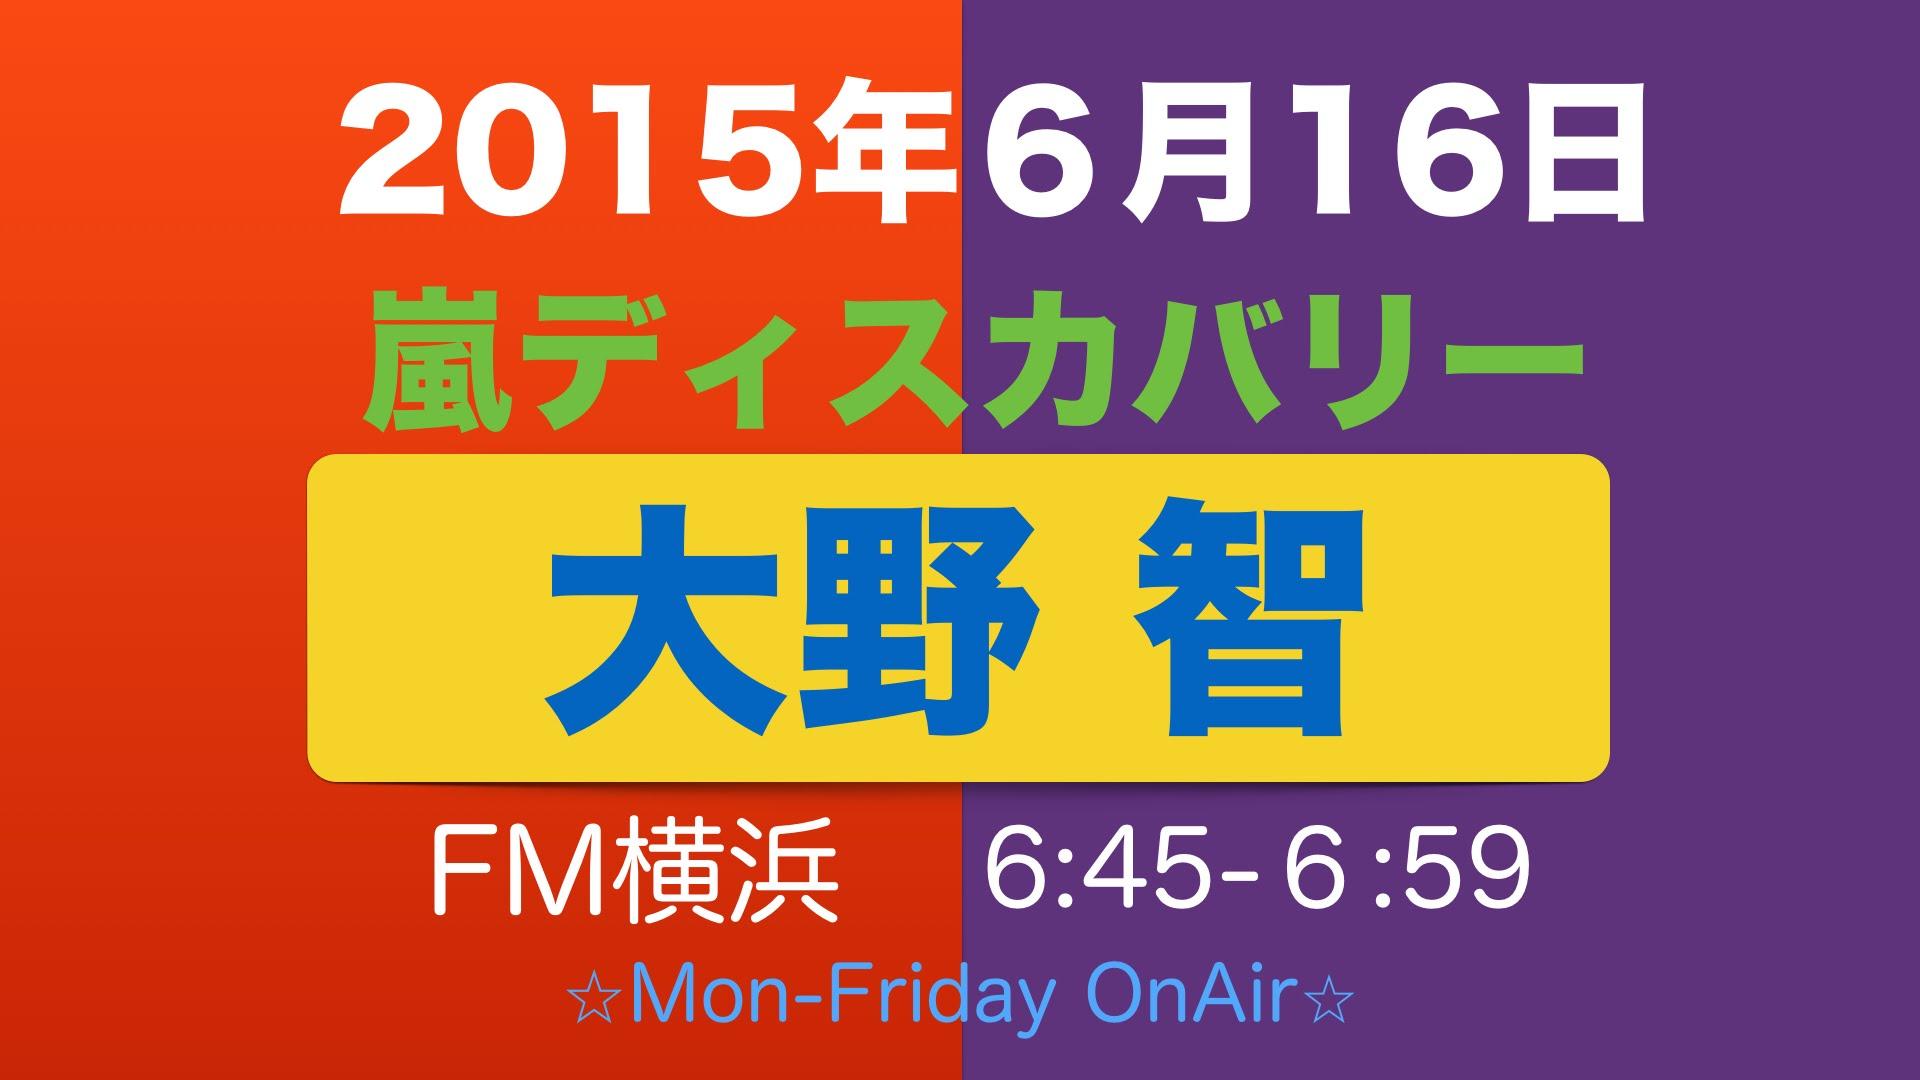 FM横浜のDJ栗原さんも大絶賛!7年前に開催された大野智FREESTYLE個展の感想を語る|大野智の嵐ディスカバリー(6月16日レポ)